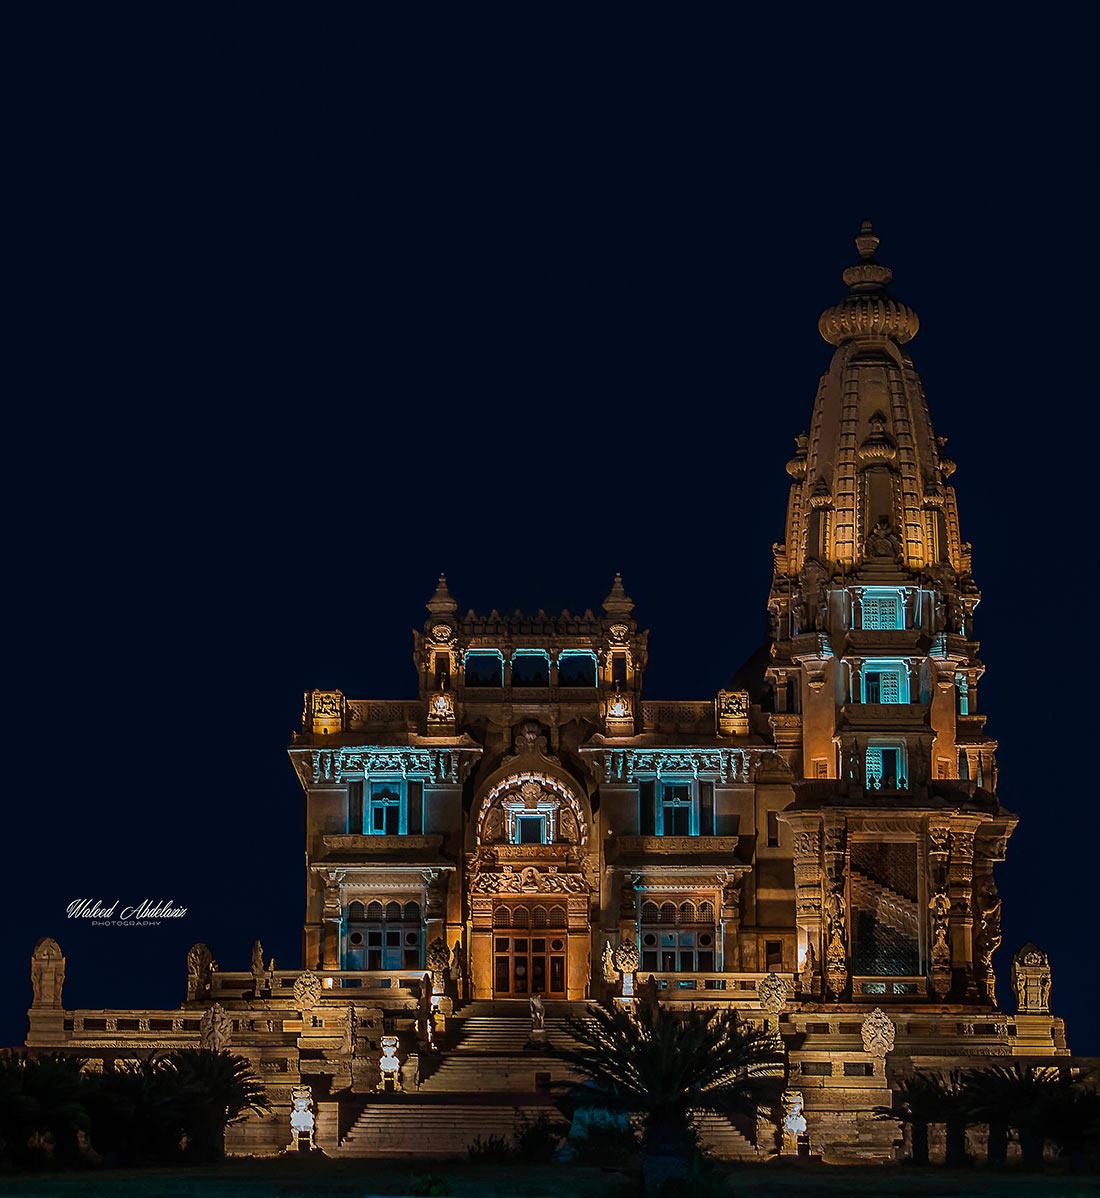 дворец барона Эмпейна